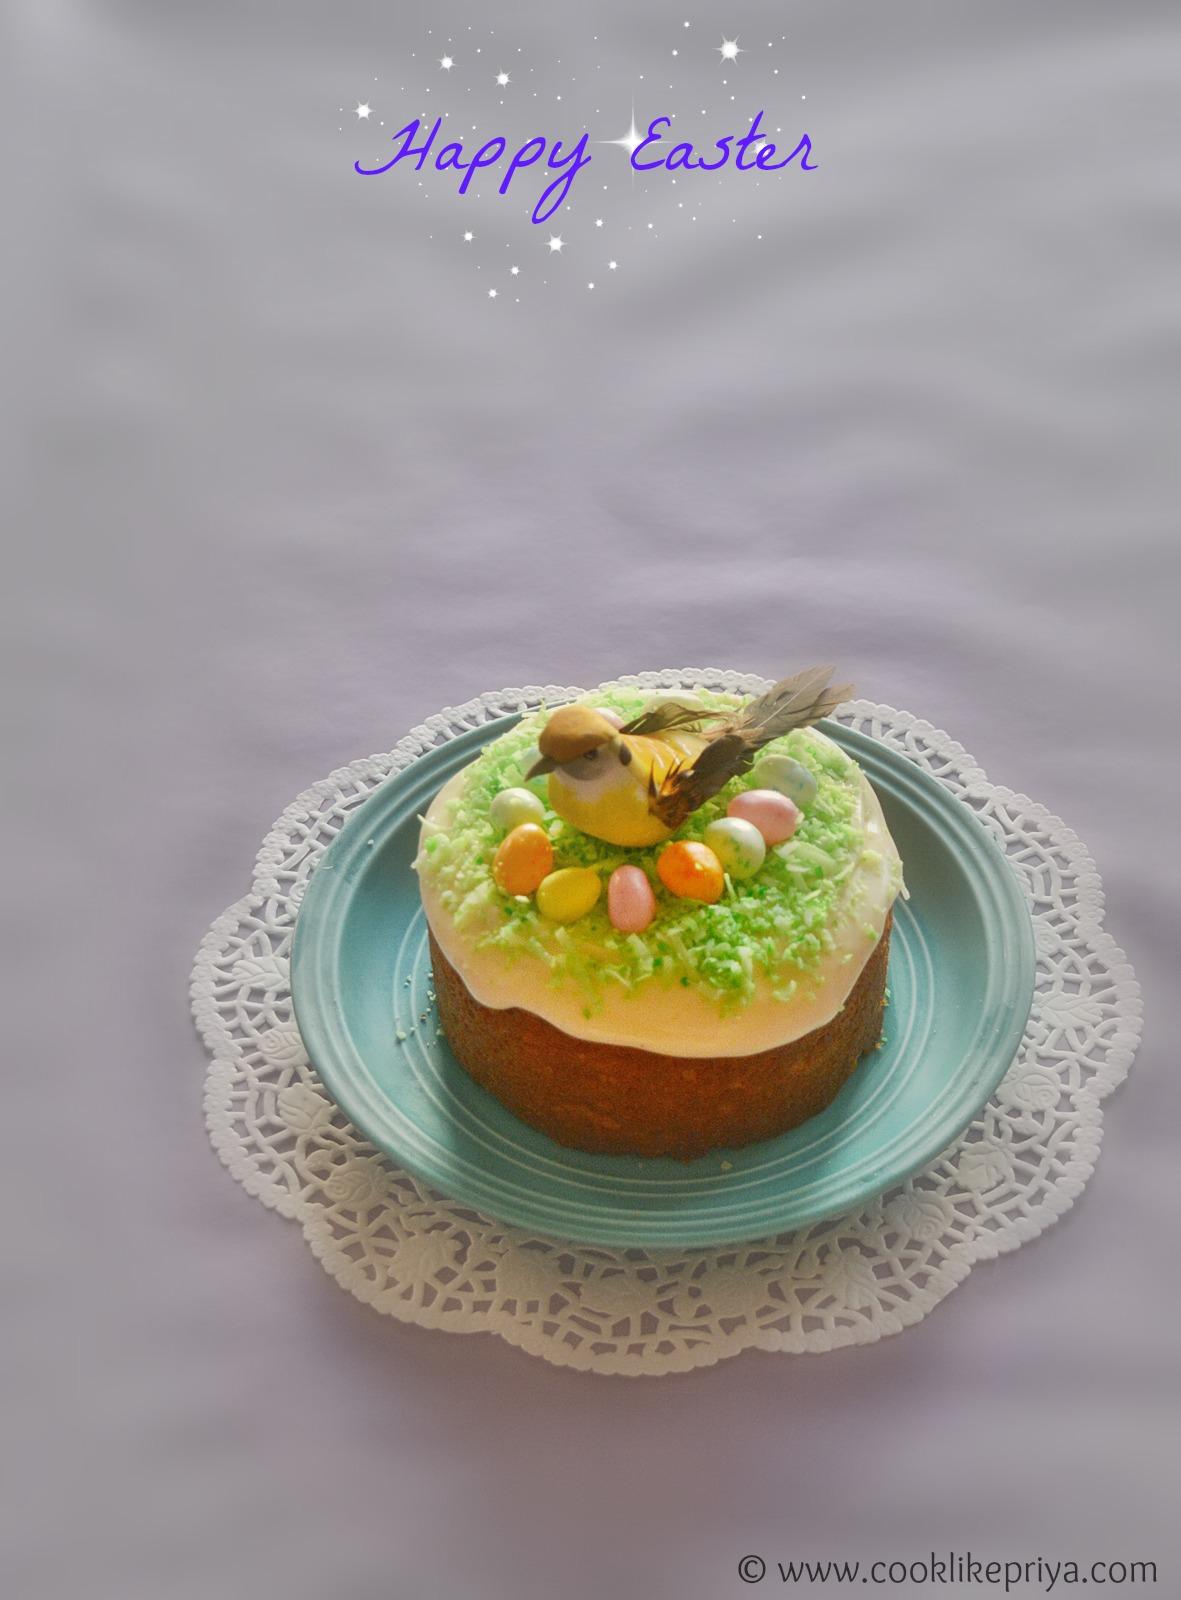 Birds nest carrot cake recipe for Easter